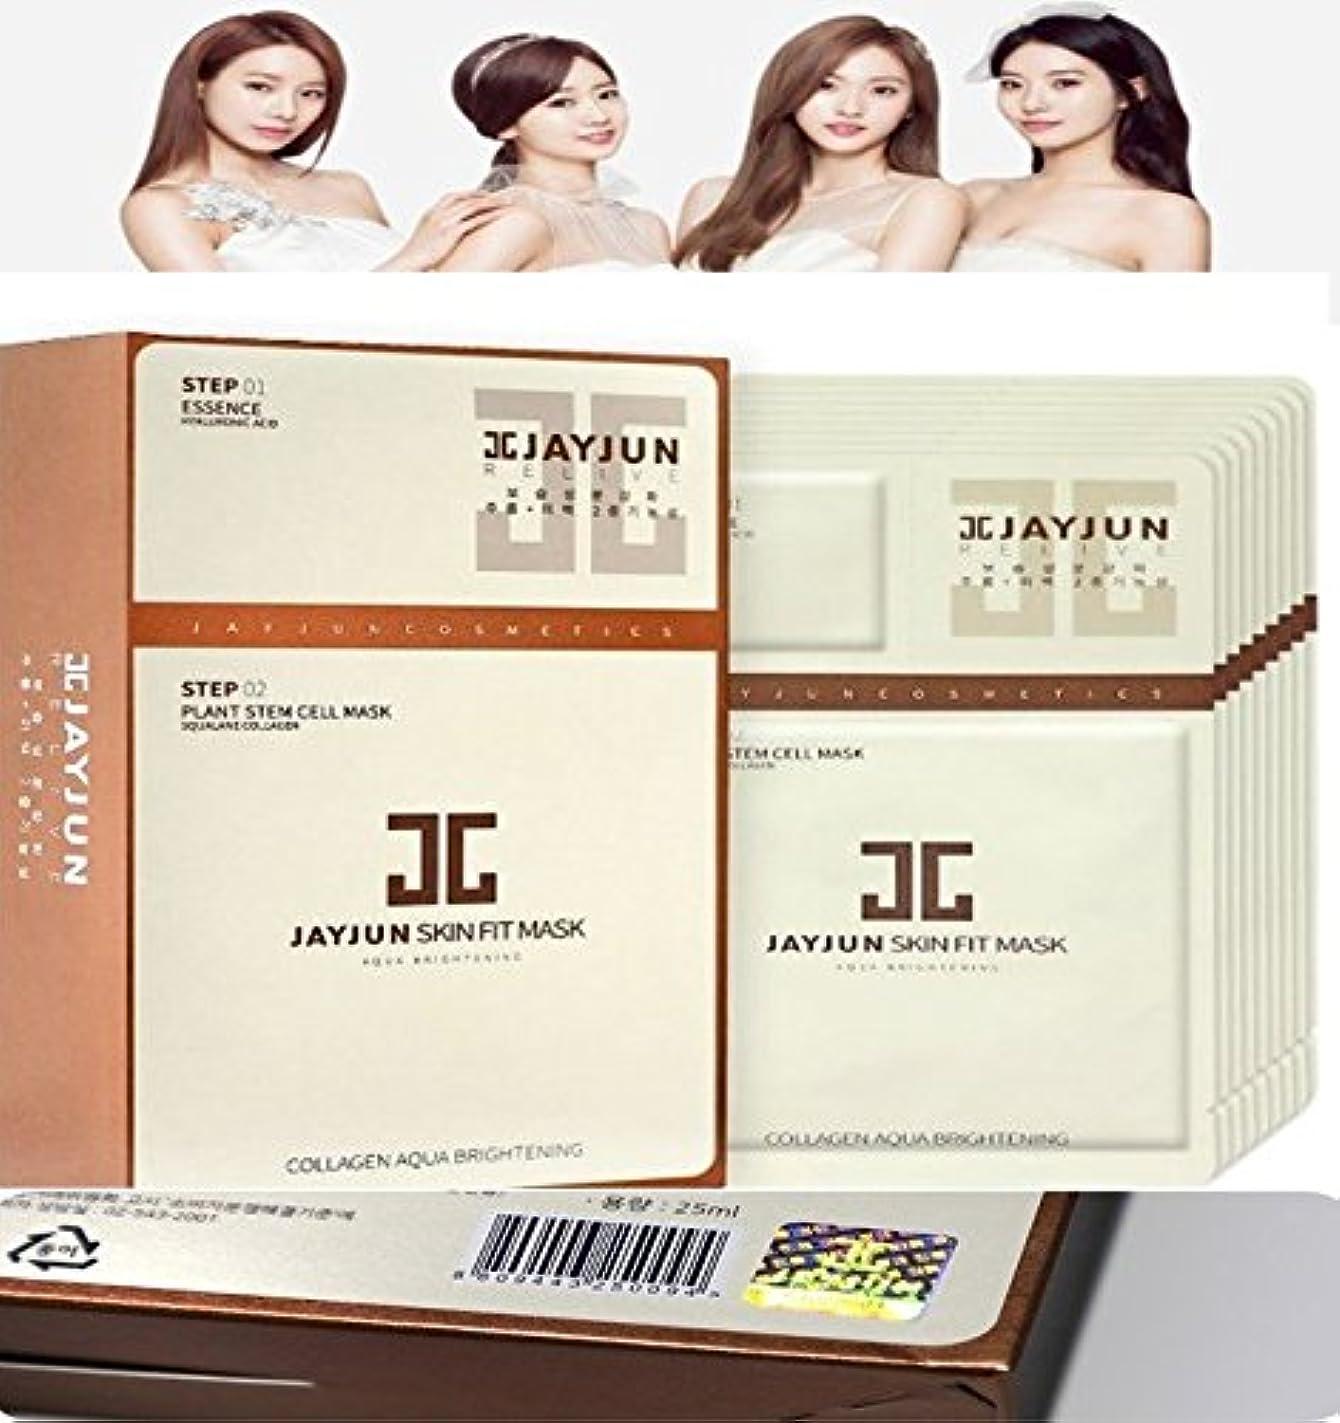 医療の受け入れる公式JAYJUN スキンフィットアクア ブライトニング マスク(10枚入り/JayJun Skin Fit Collagen Aqua Brightening Mask Sheet 10Pcs/HG Sticker Certified...